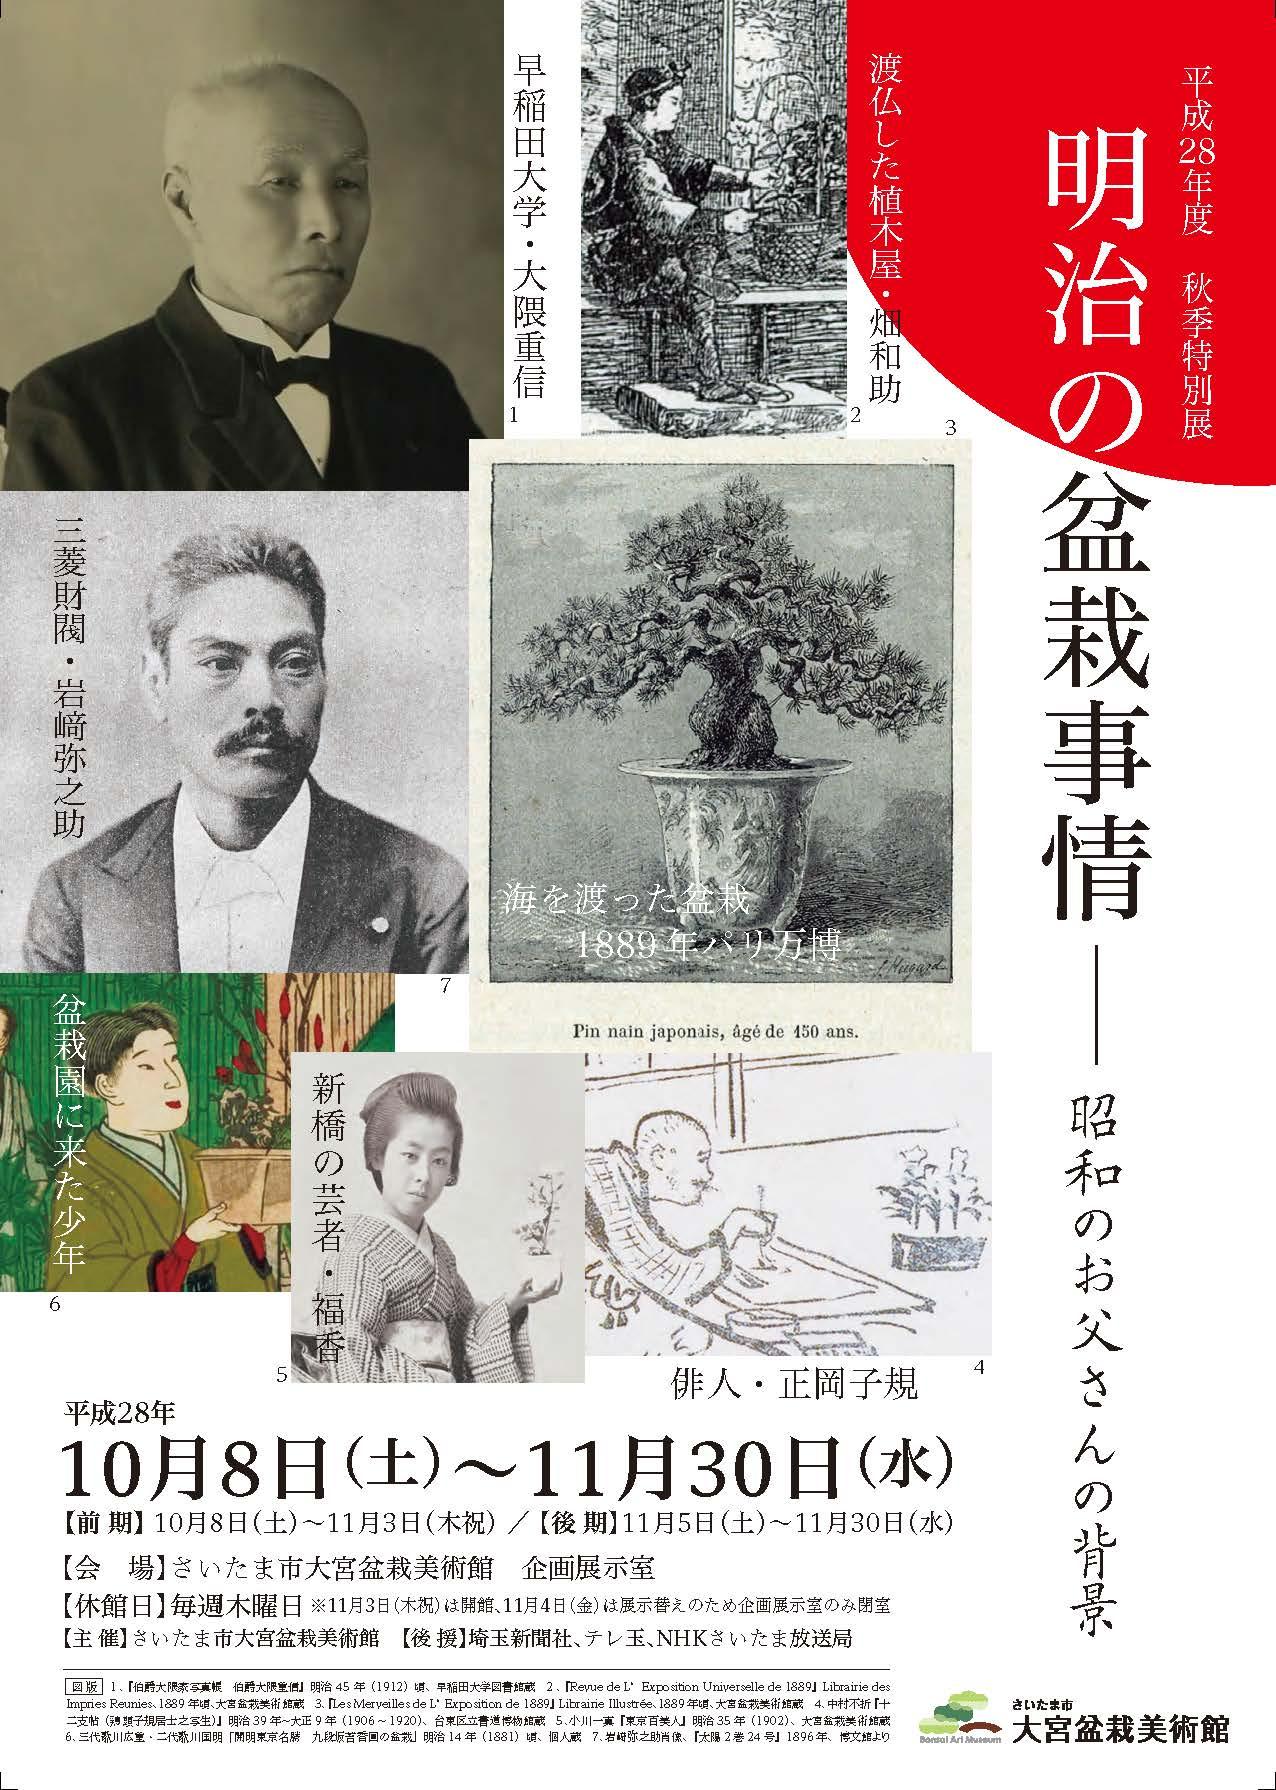 秋季特別展「明治の盆栽事情―昭和のお父さんの背景」